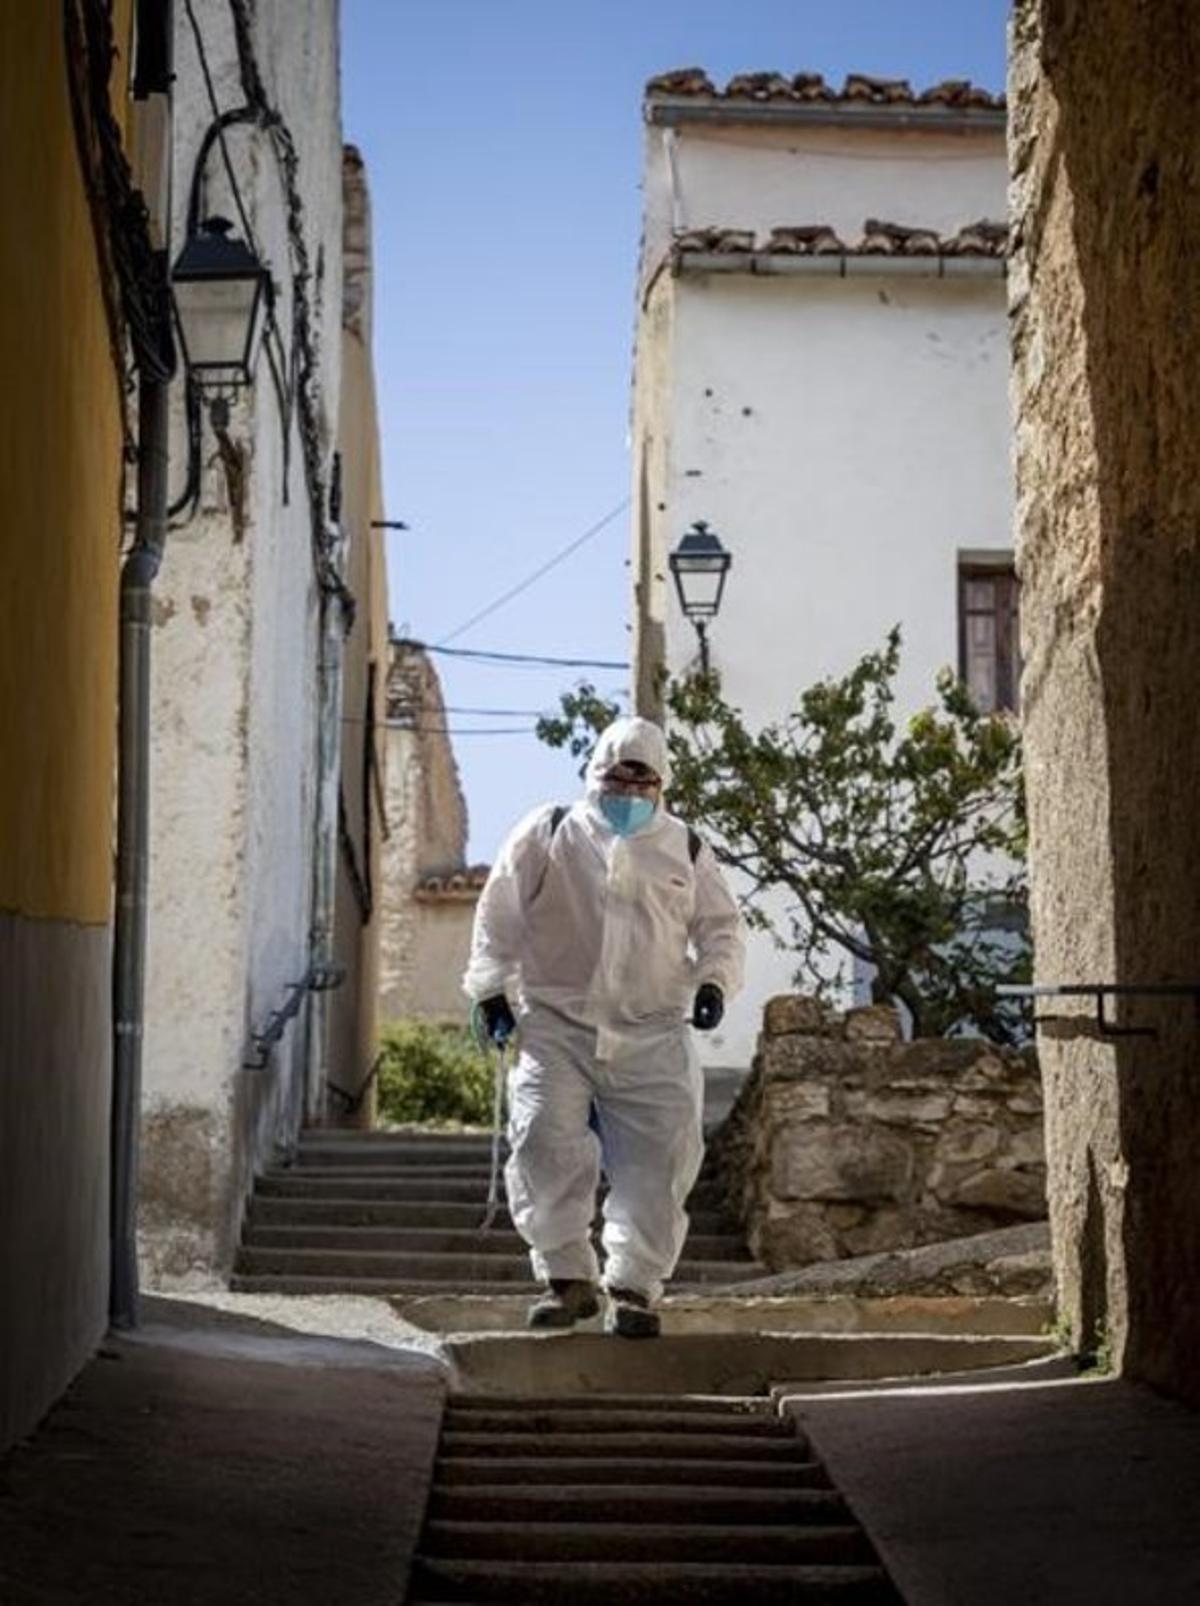 Pese a que la incidencia del virus fue mucho menor en los pueblos, las medidas, tanto sanitarias como de confinamiento, fueron similares, para bien y para mal, como demuestra la imagen de este operario del ayuntamiento de Castellfort, tomada el 12 de mayo.